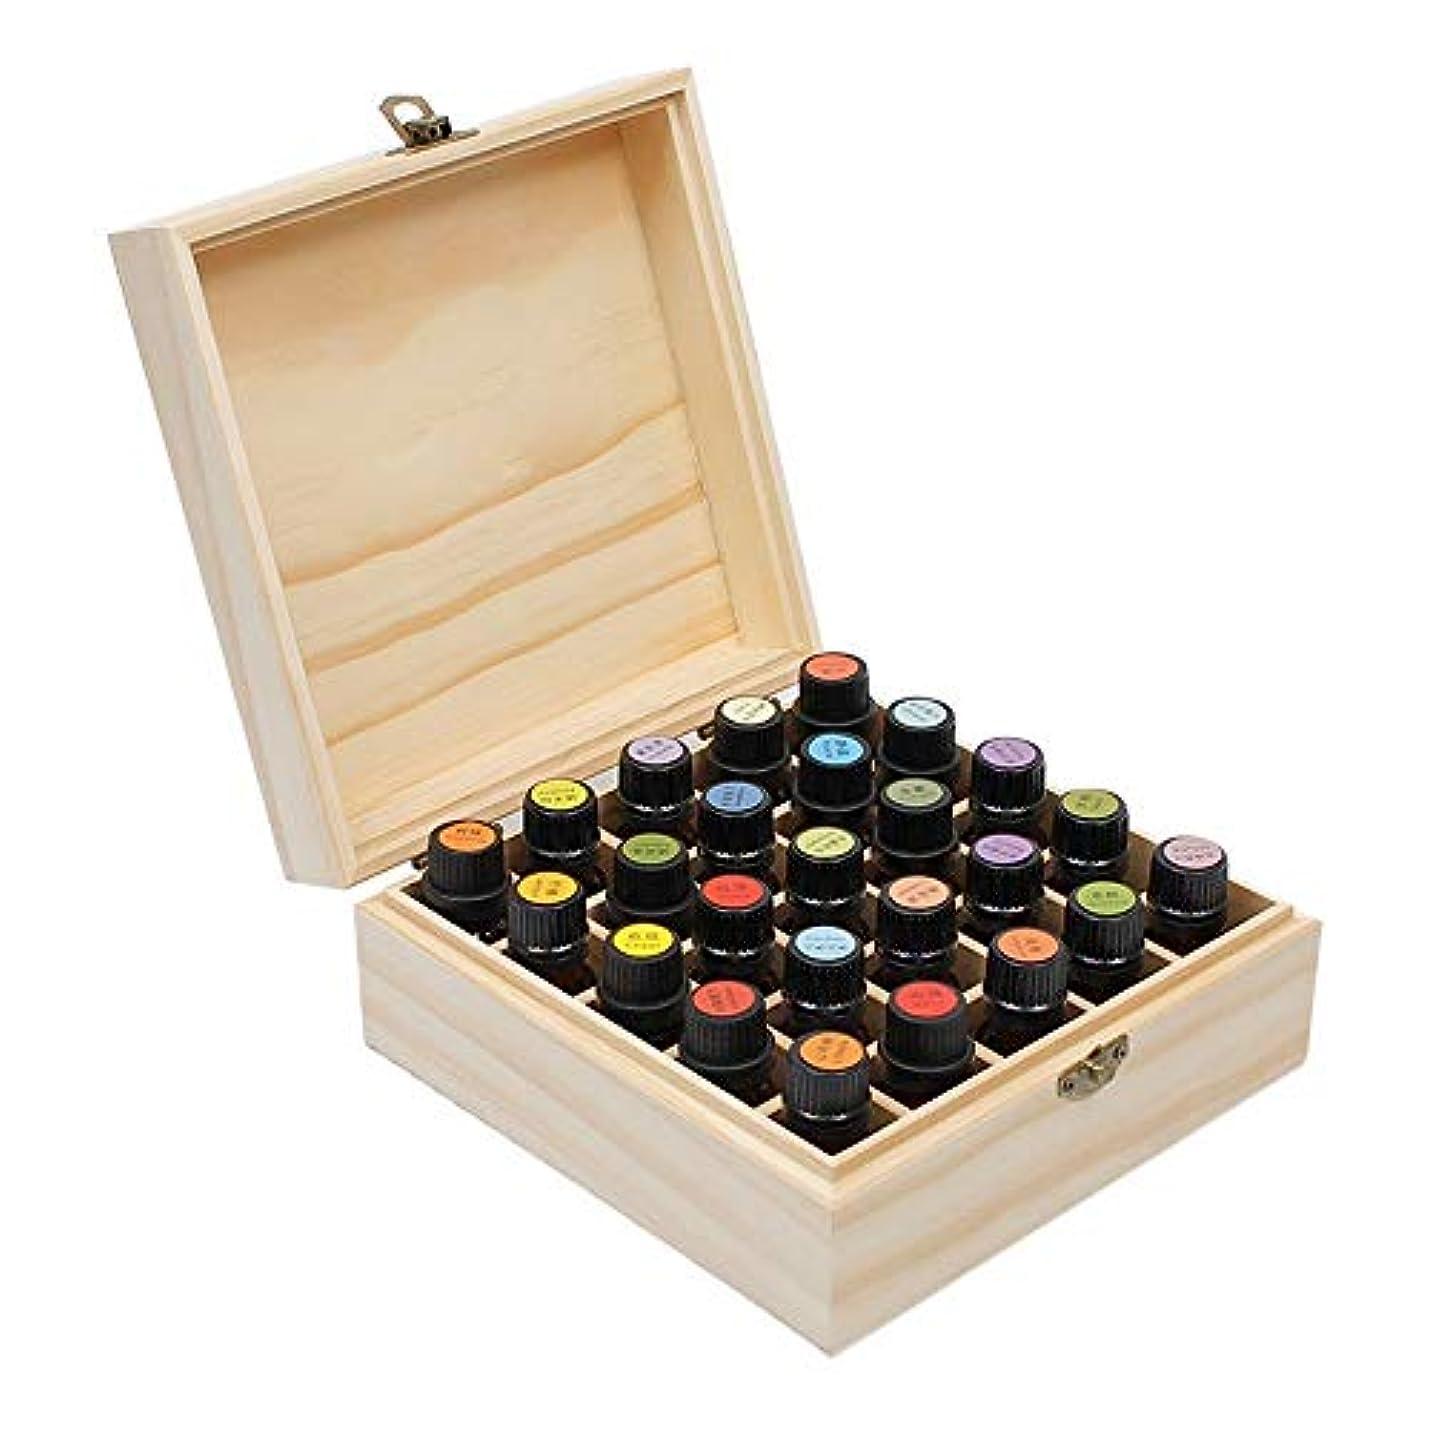 批判的文芸マラウイ25搬送するためのスロットエッセンシャルオイルボックス木製収納ケースとホームストレージの表示 アロマセラピー製品 (色 : Natural, サイズ : 18.3X18.3X8.3CM)